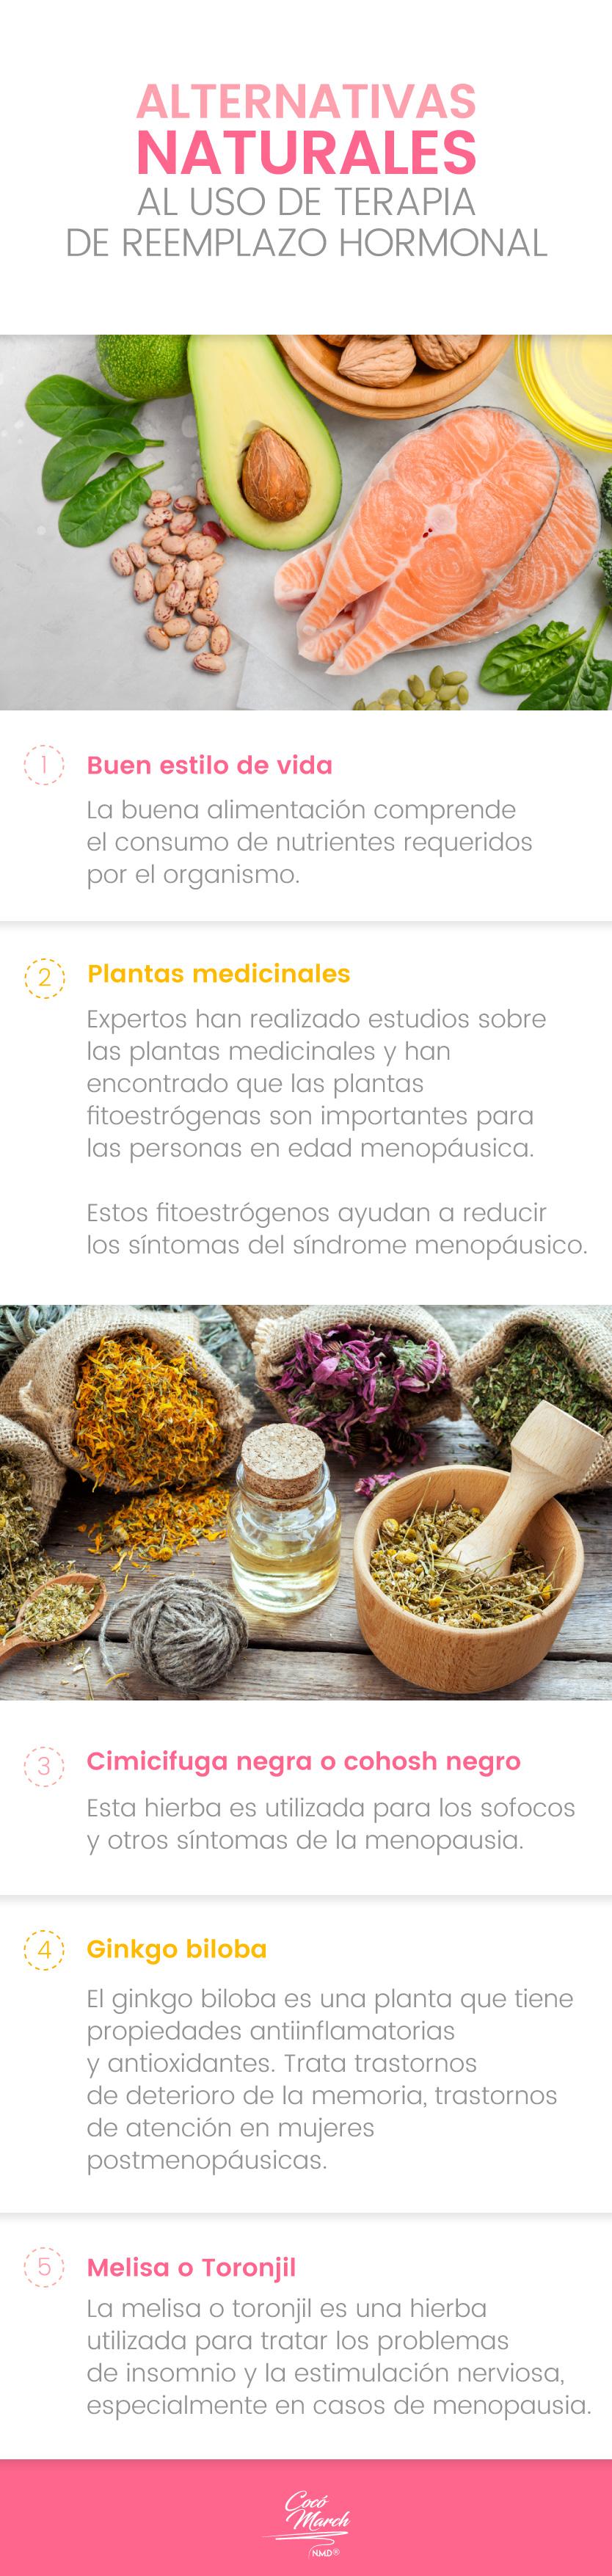 reemplazo-hormonal-remedios-naturales